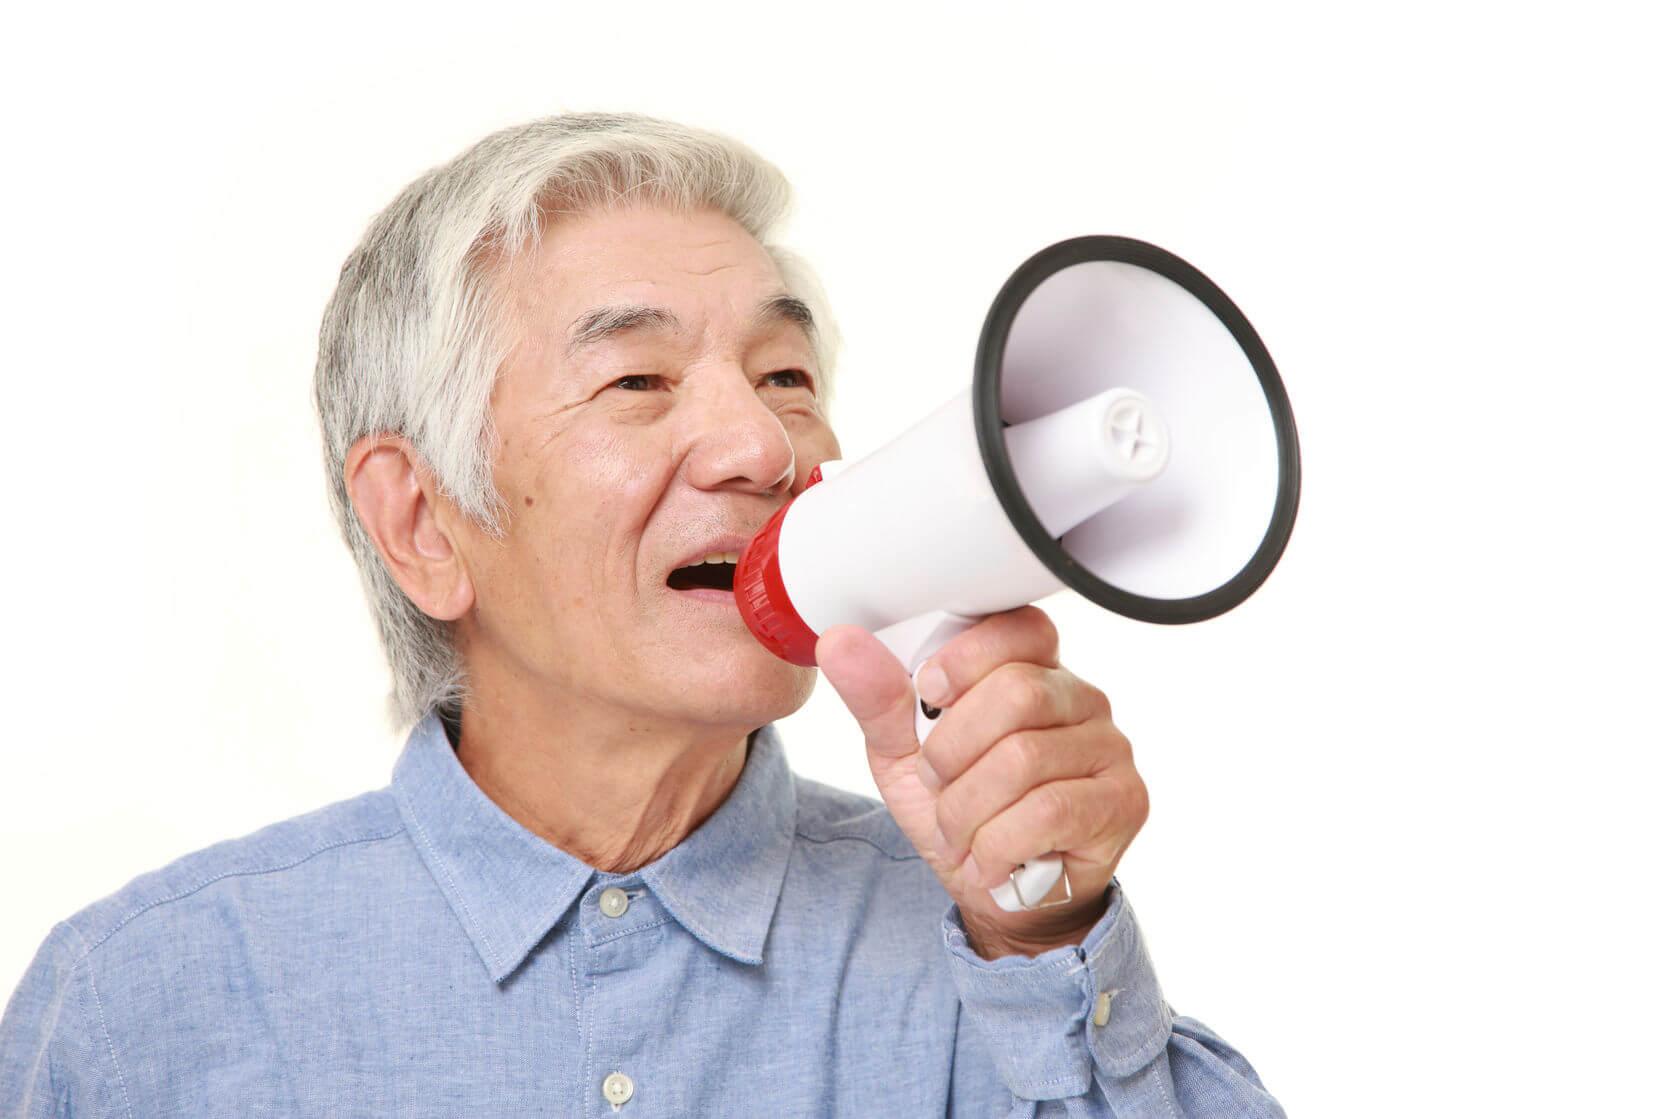 คนแก่พูดโทรโข่ง